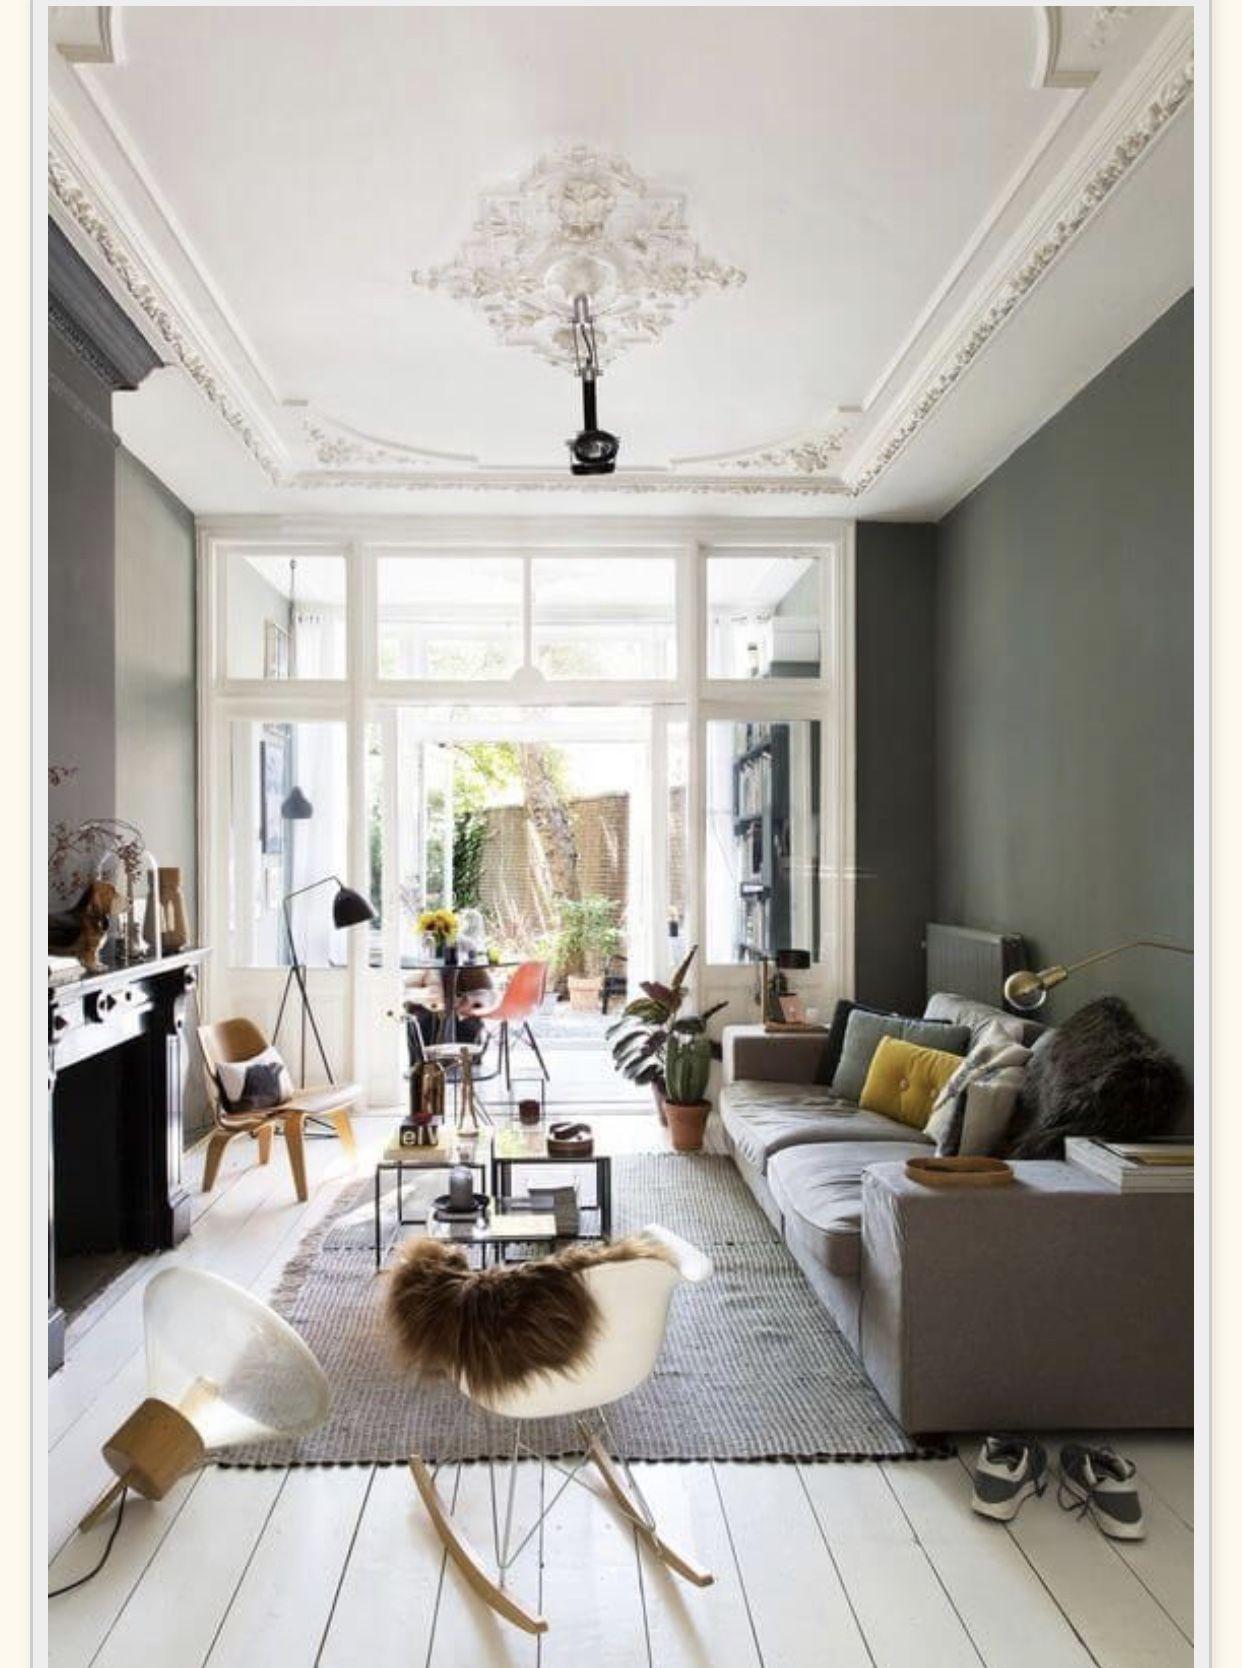 Epingle Par Tweed And Twist Sur Deco Deco Appartement Deco Salle De Sejour Amenagement Salon